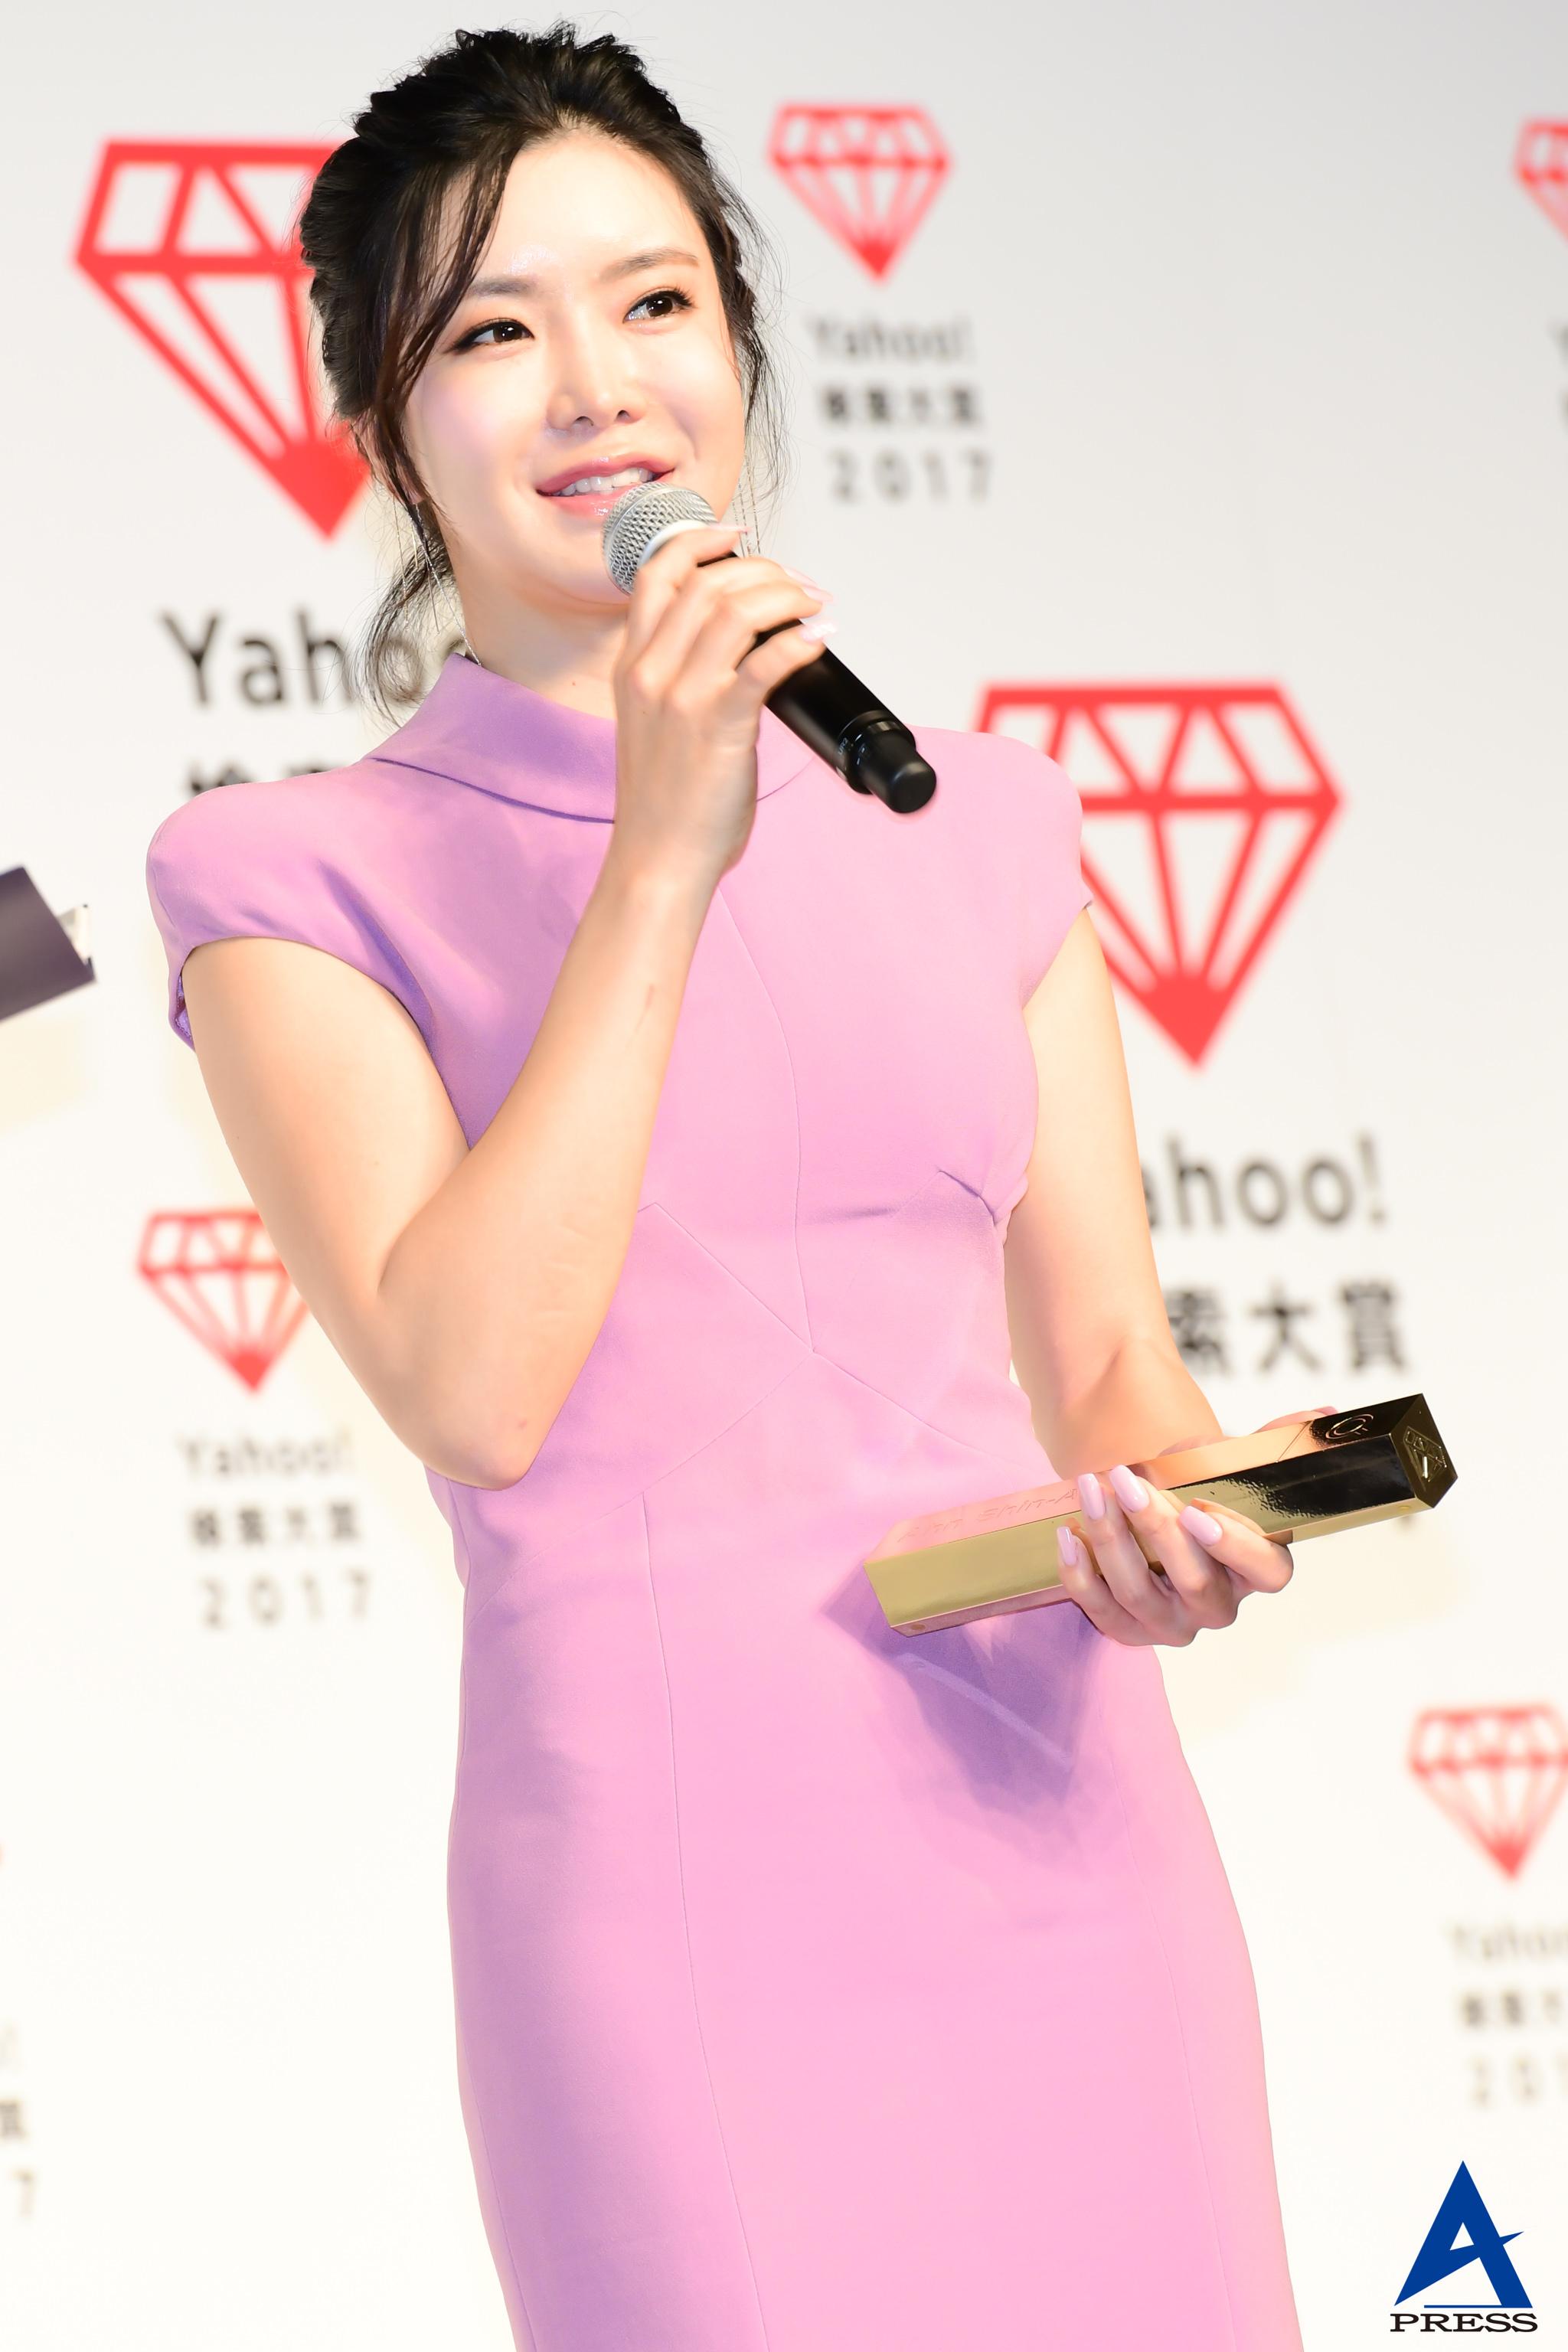 Yahoo!検索大賞-1068